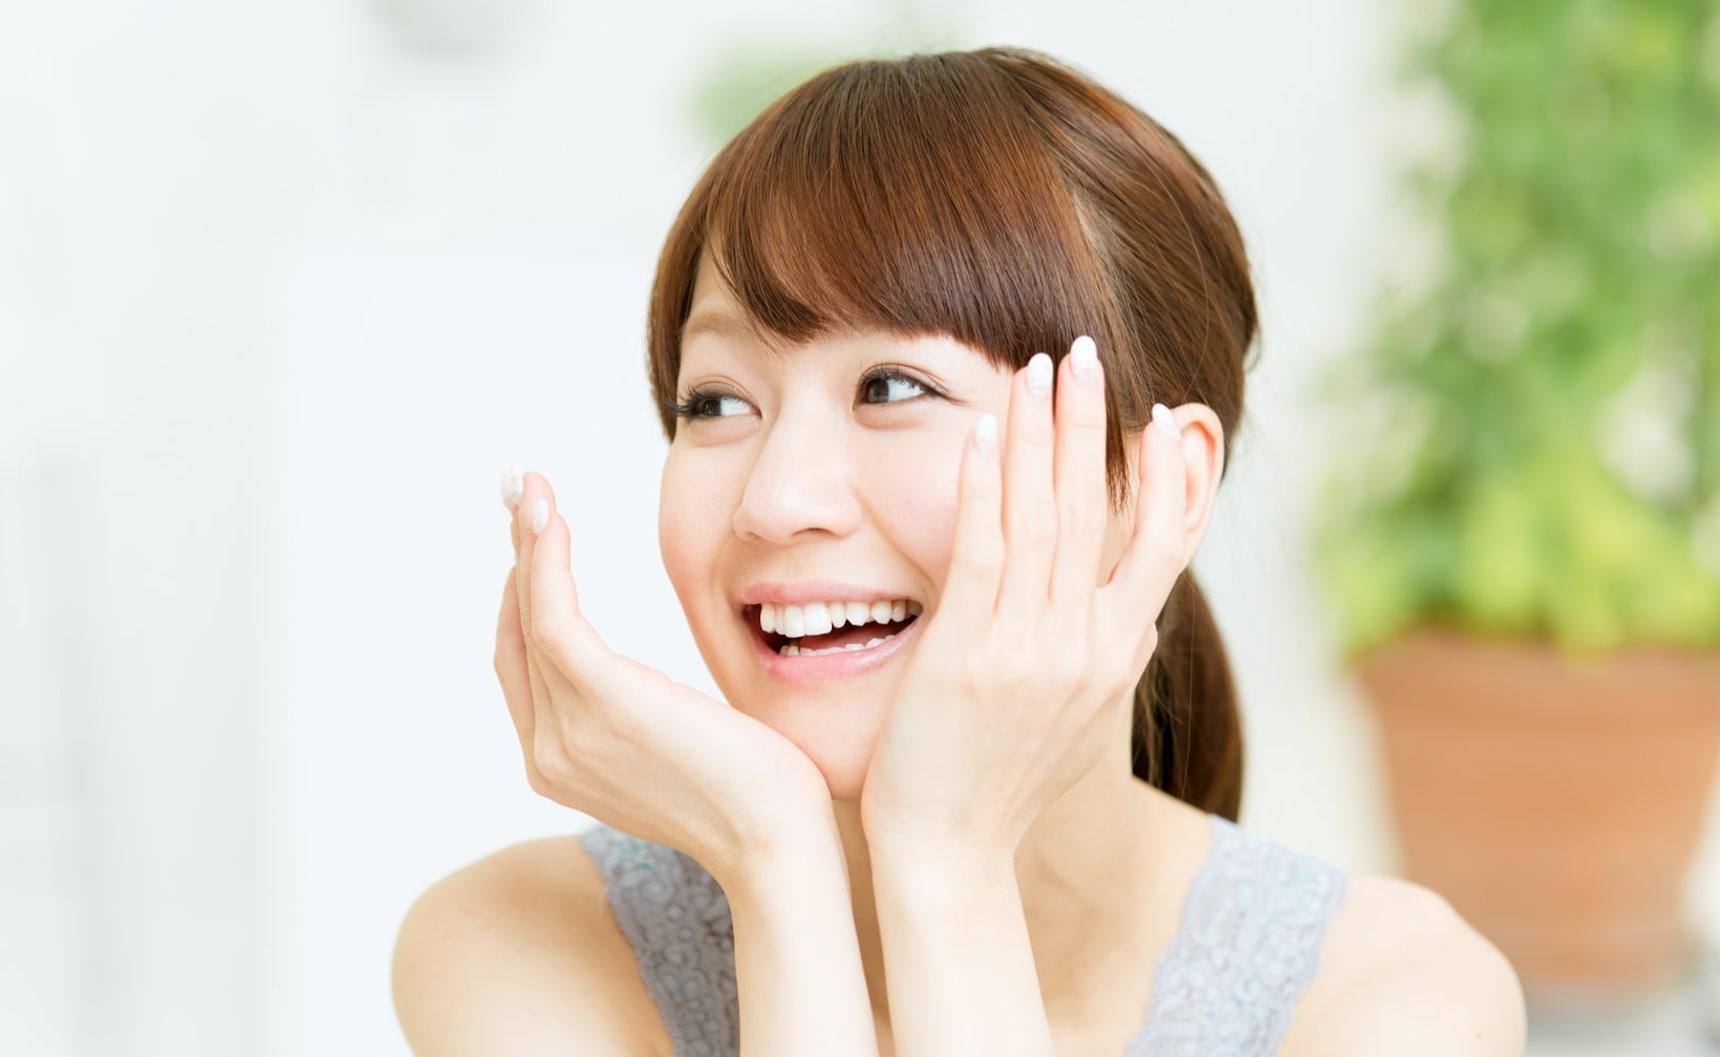 保養也要分年齡!日本10代女性人氣保養品